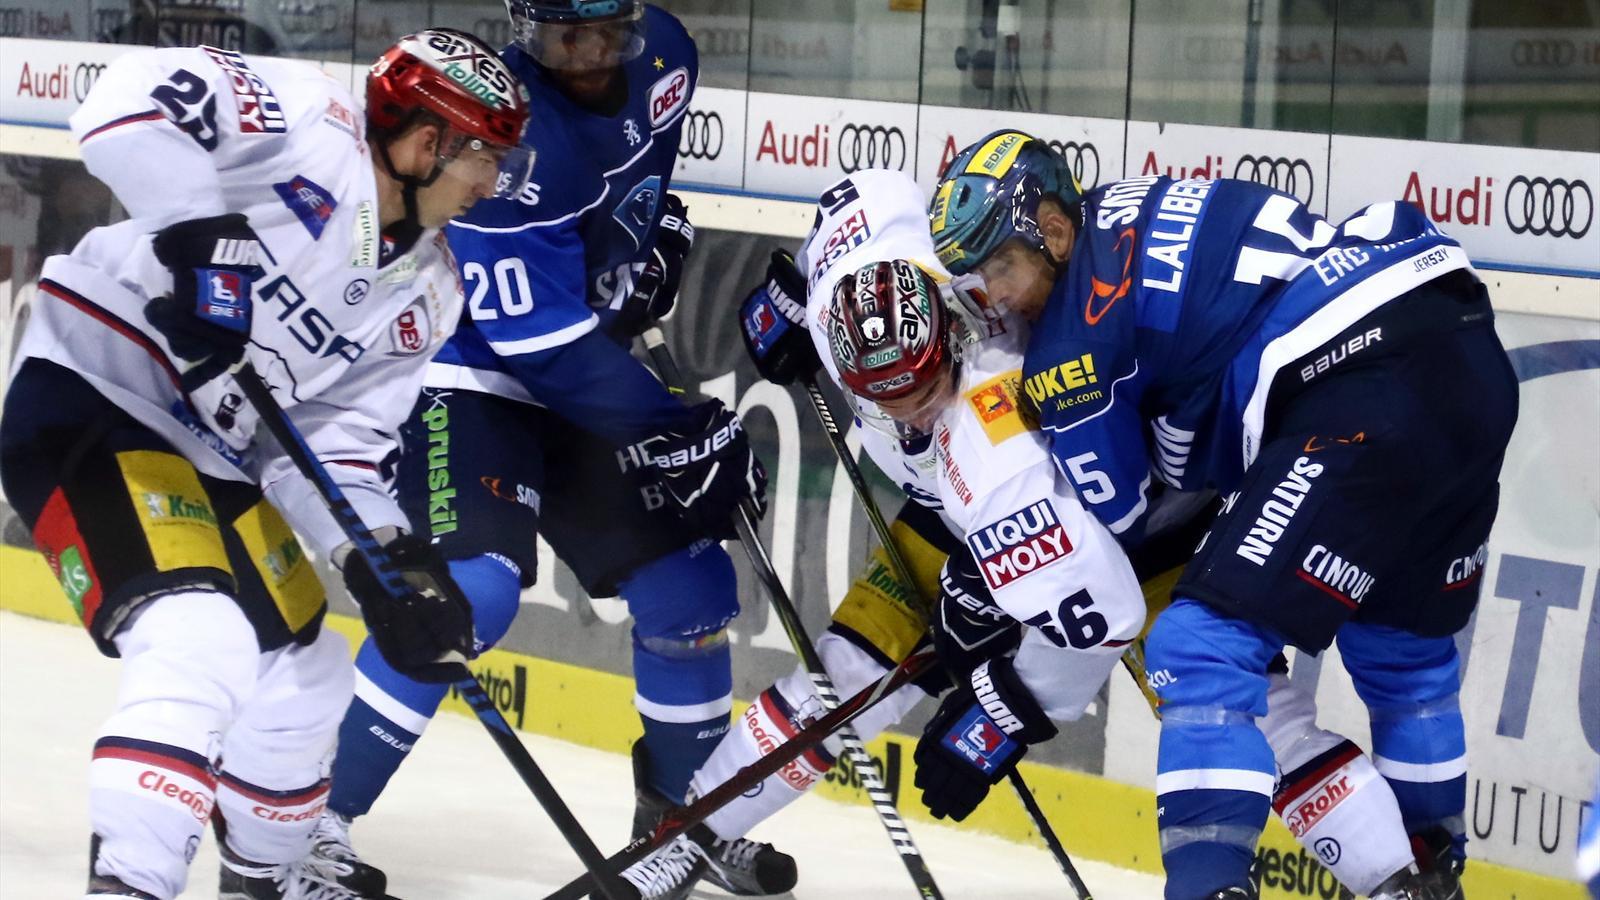 Eishockey Del Ergebnisse Heute